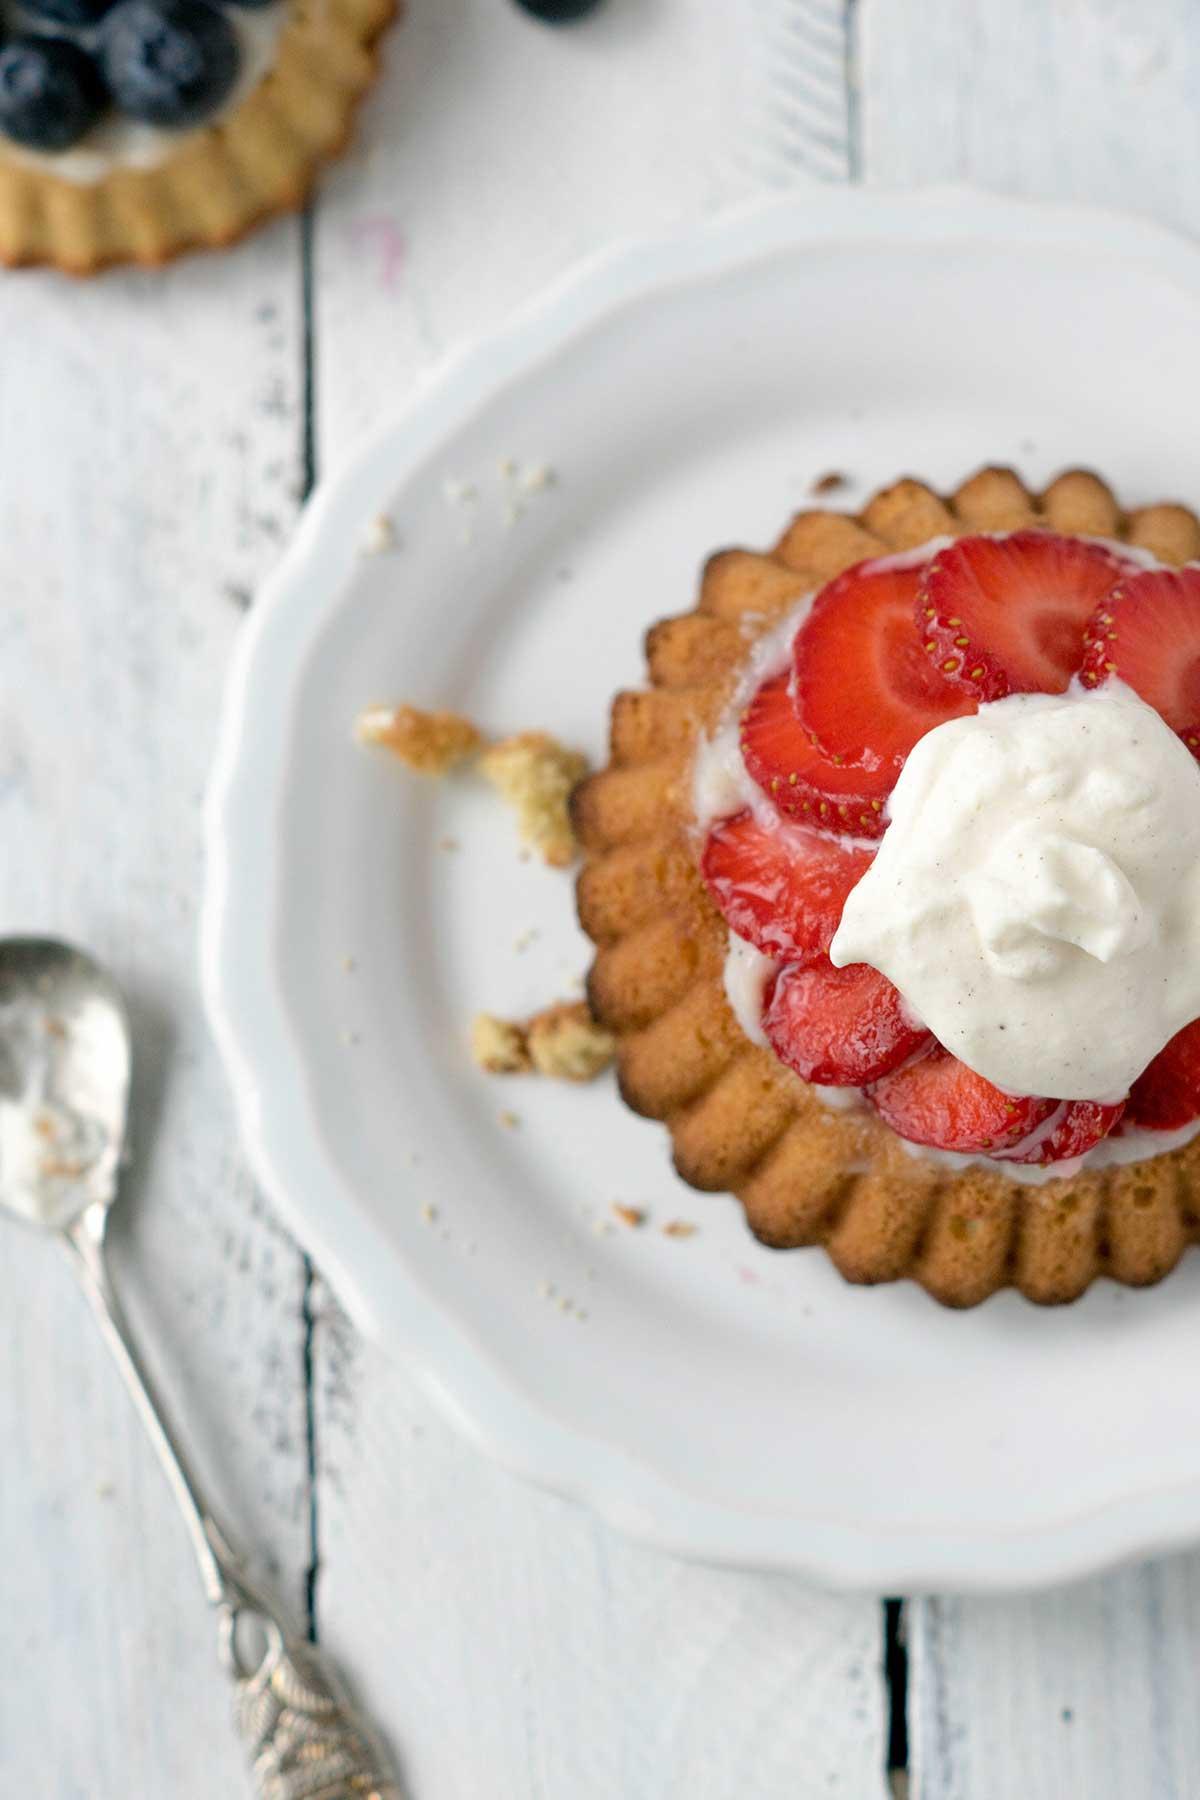 Tortelett mit Erdbeeren und Sahne auf einem Teller